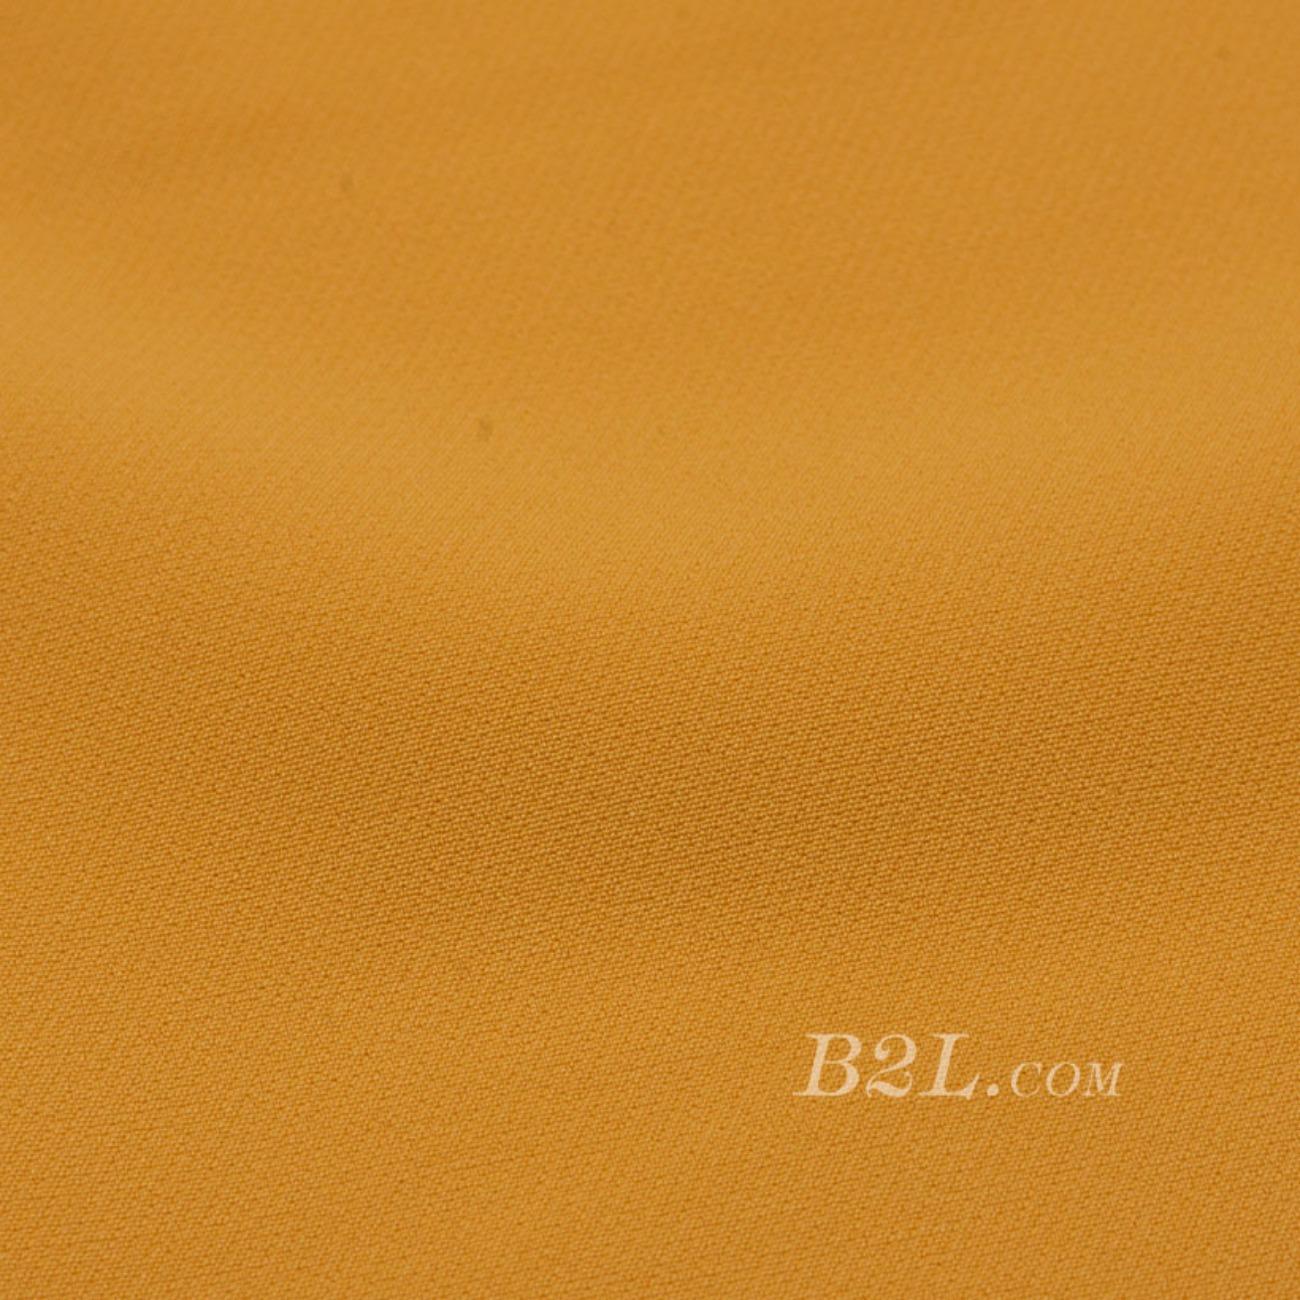 现货 素色 梭织 斜纹 高弹 染色 春秋 连衣裙 外套 女装 80530-20